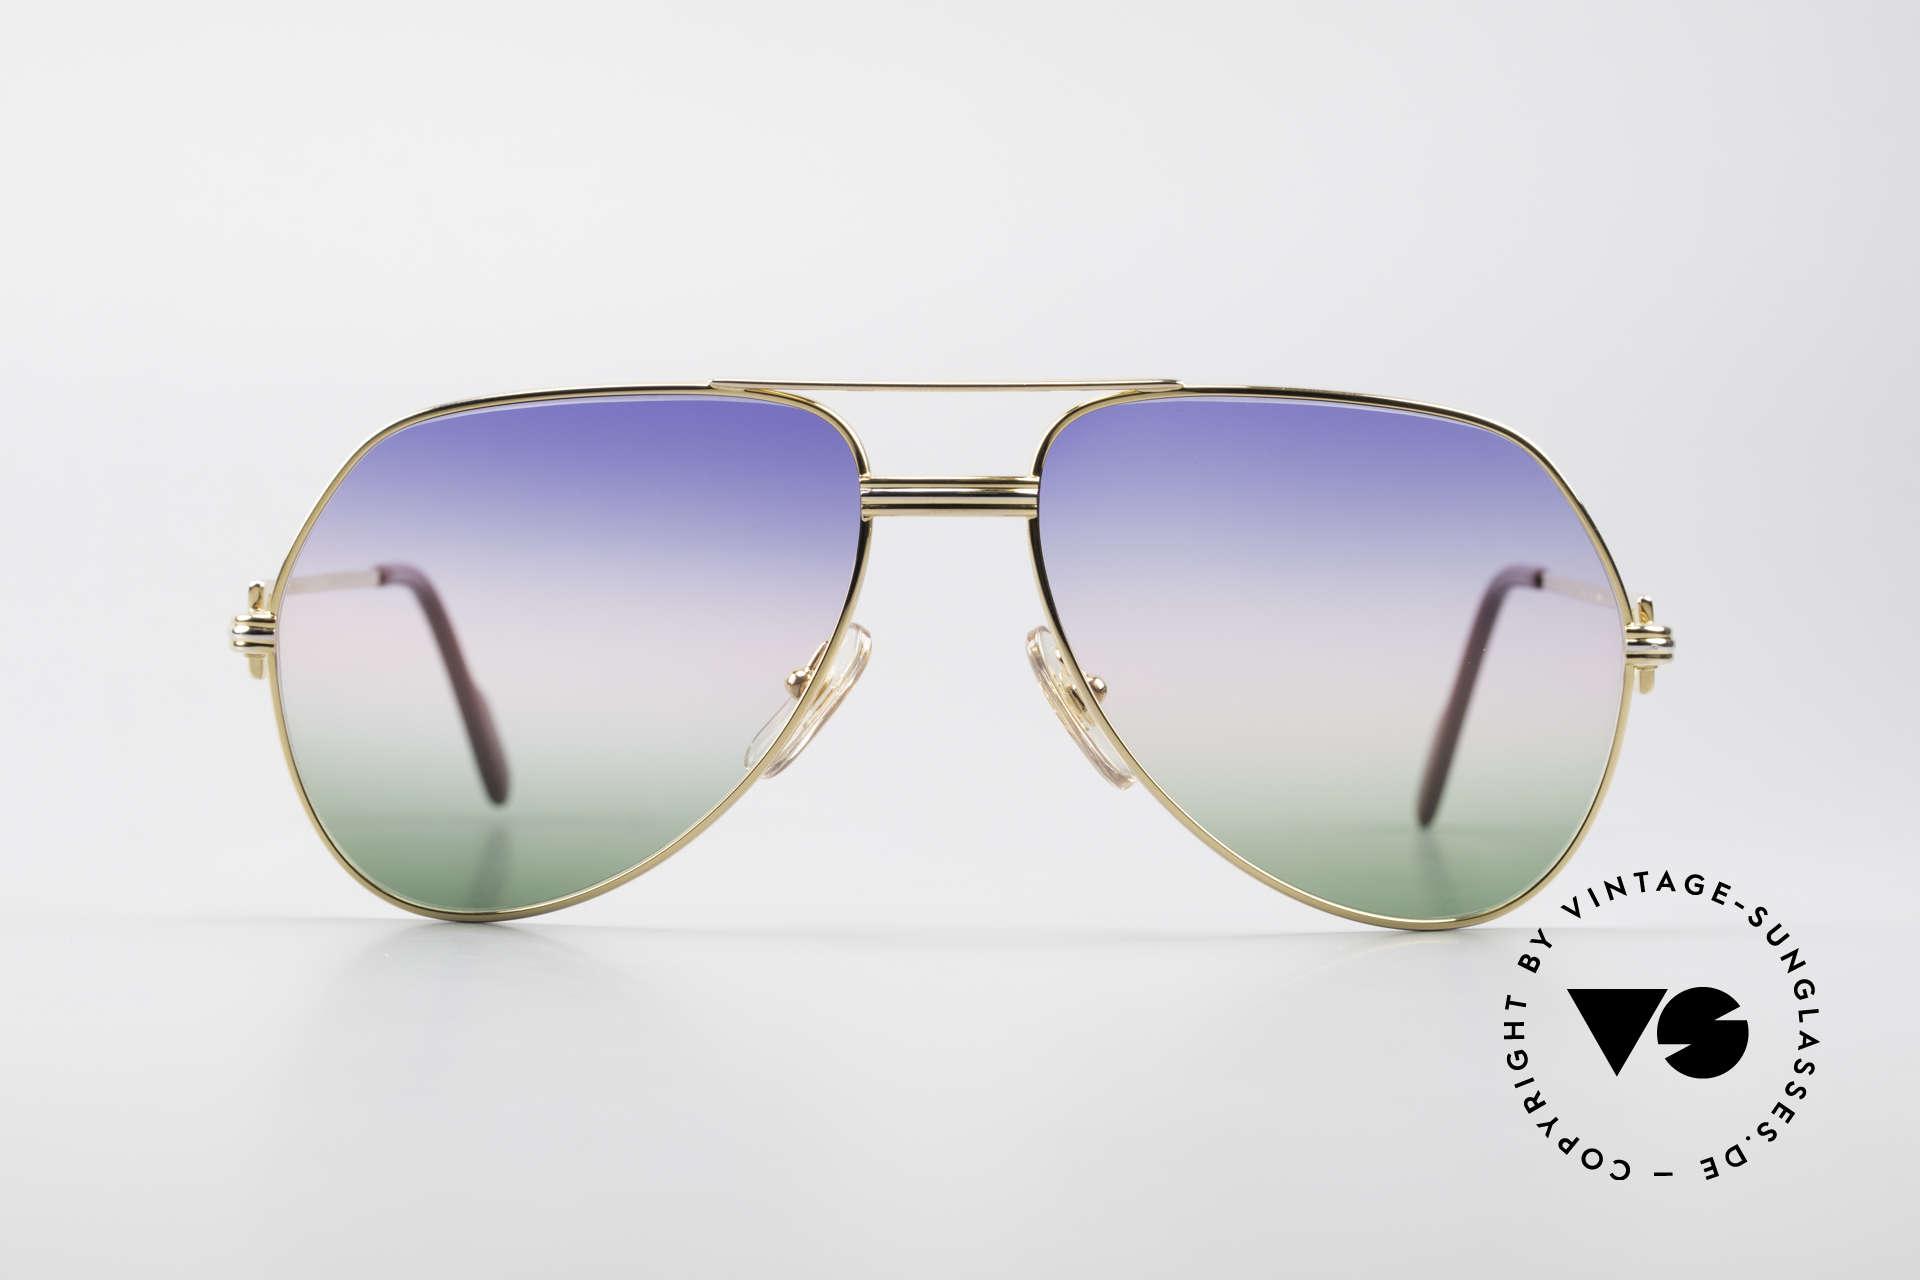 Cartier Vendome LC - M Michael Douglas Sonnenbrille, wurde 1983 veröffentlicht & dann bis 1997 produziert, Passend für Herren